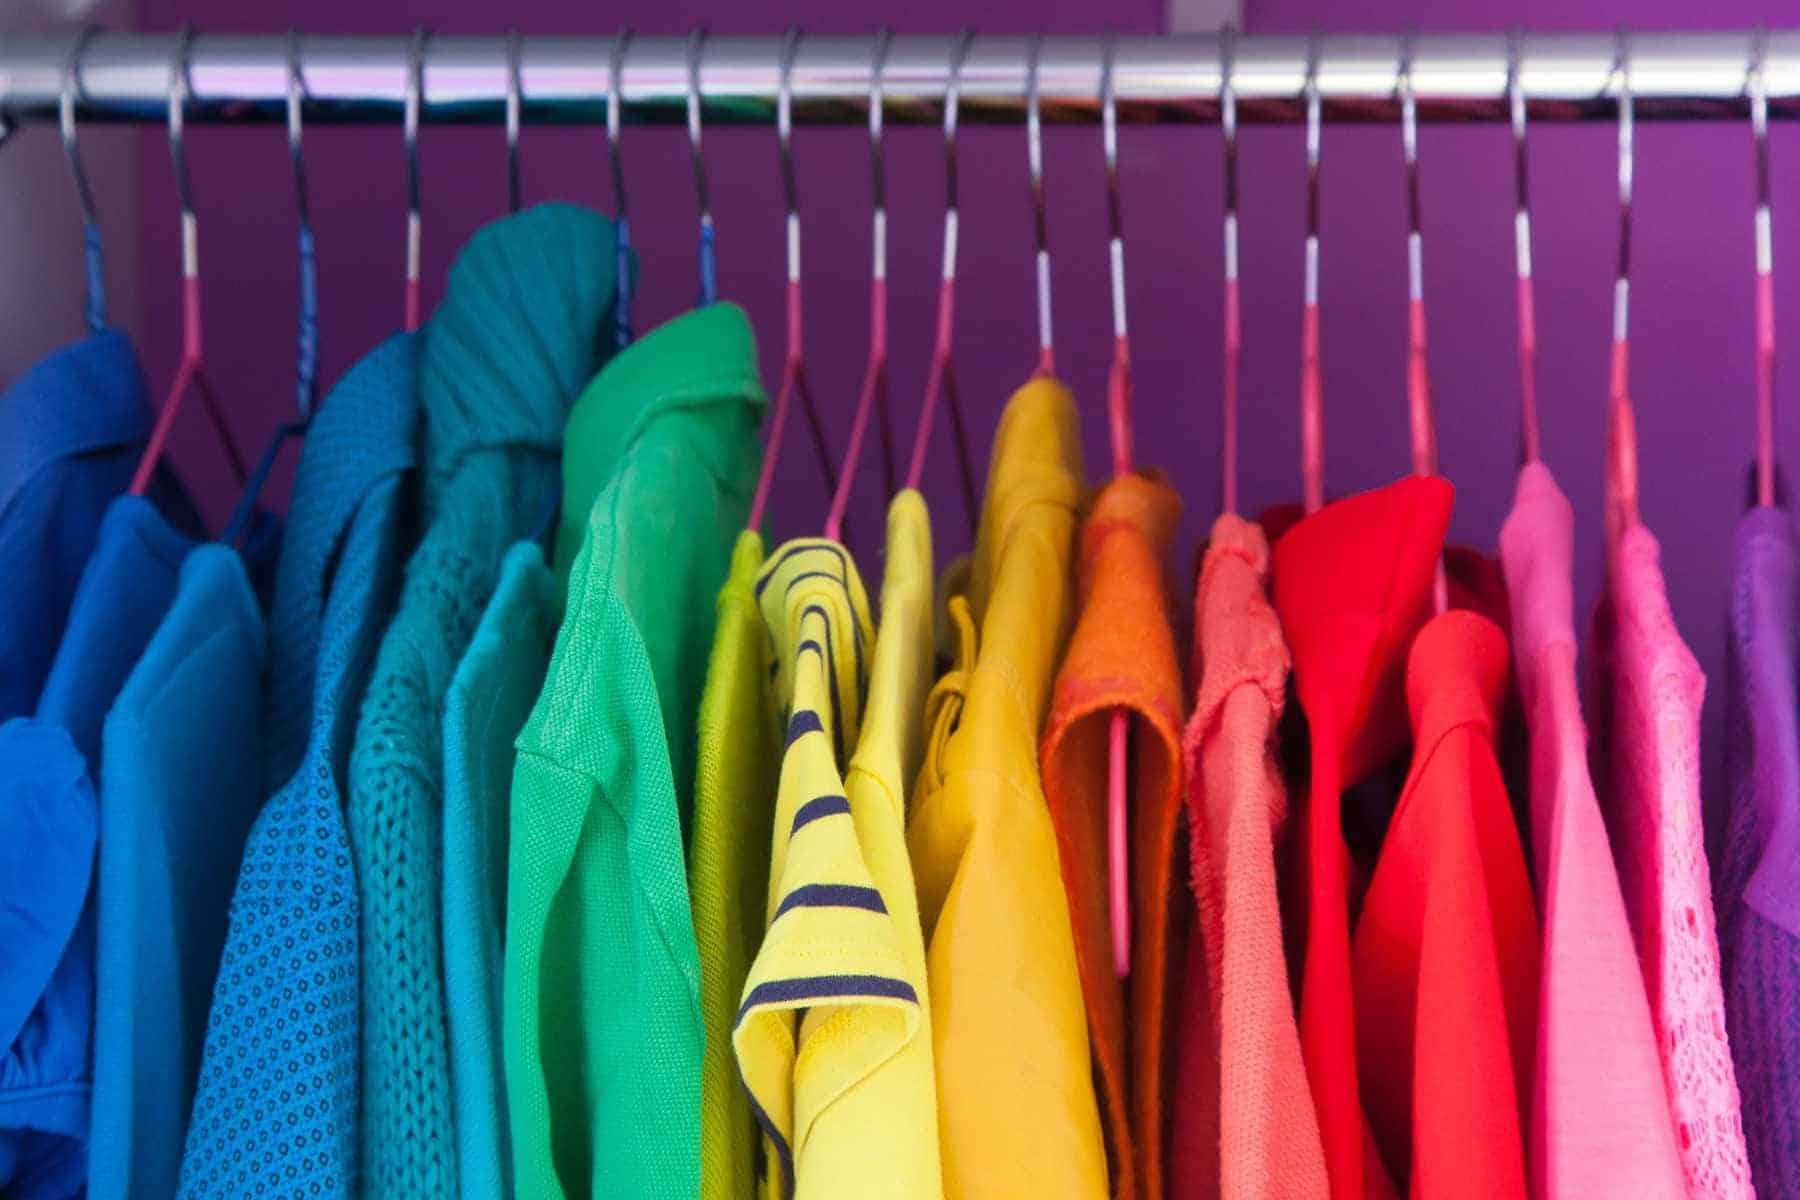 Hướng dẫn 5 Cách làm mềm vải cứng hiệu quả tại nhà